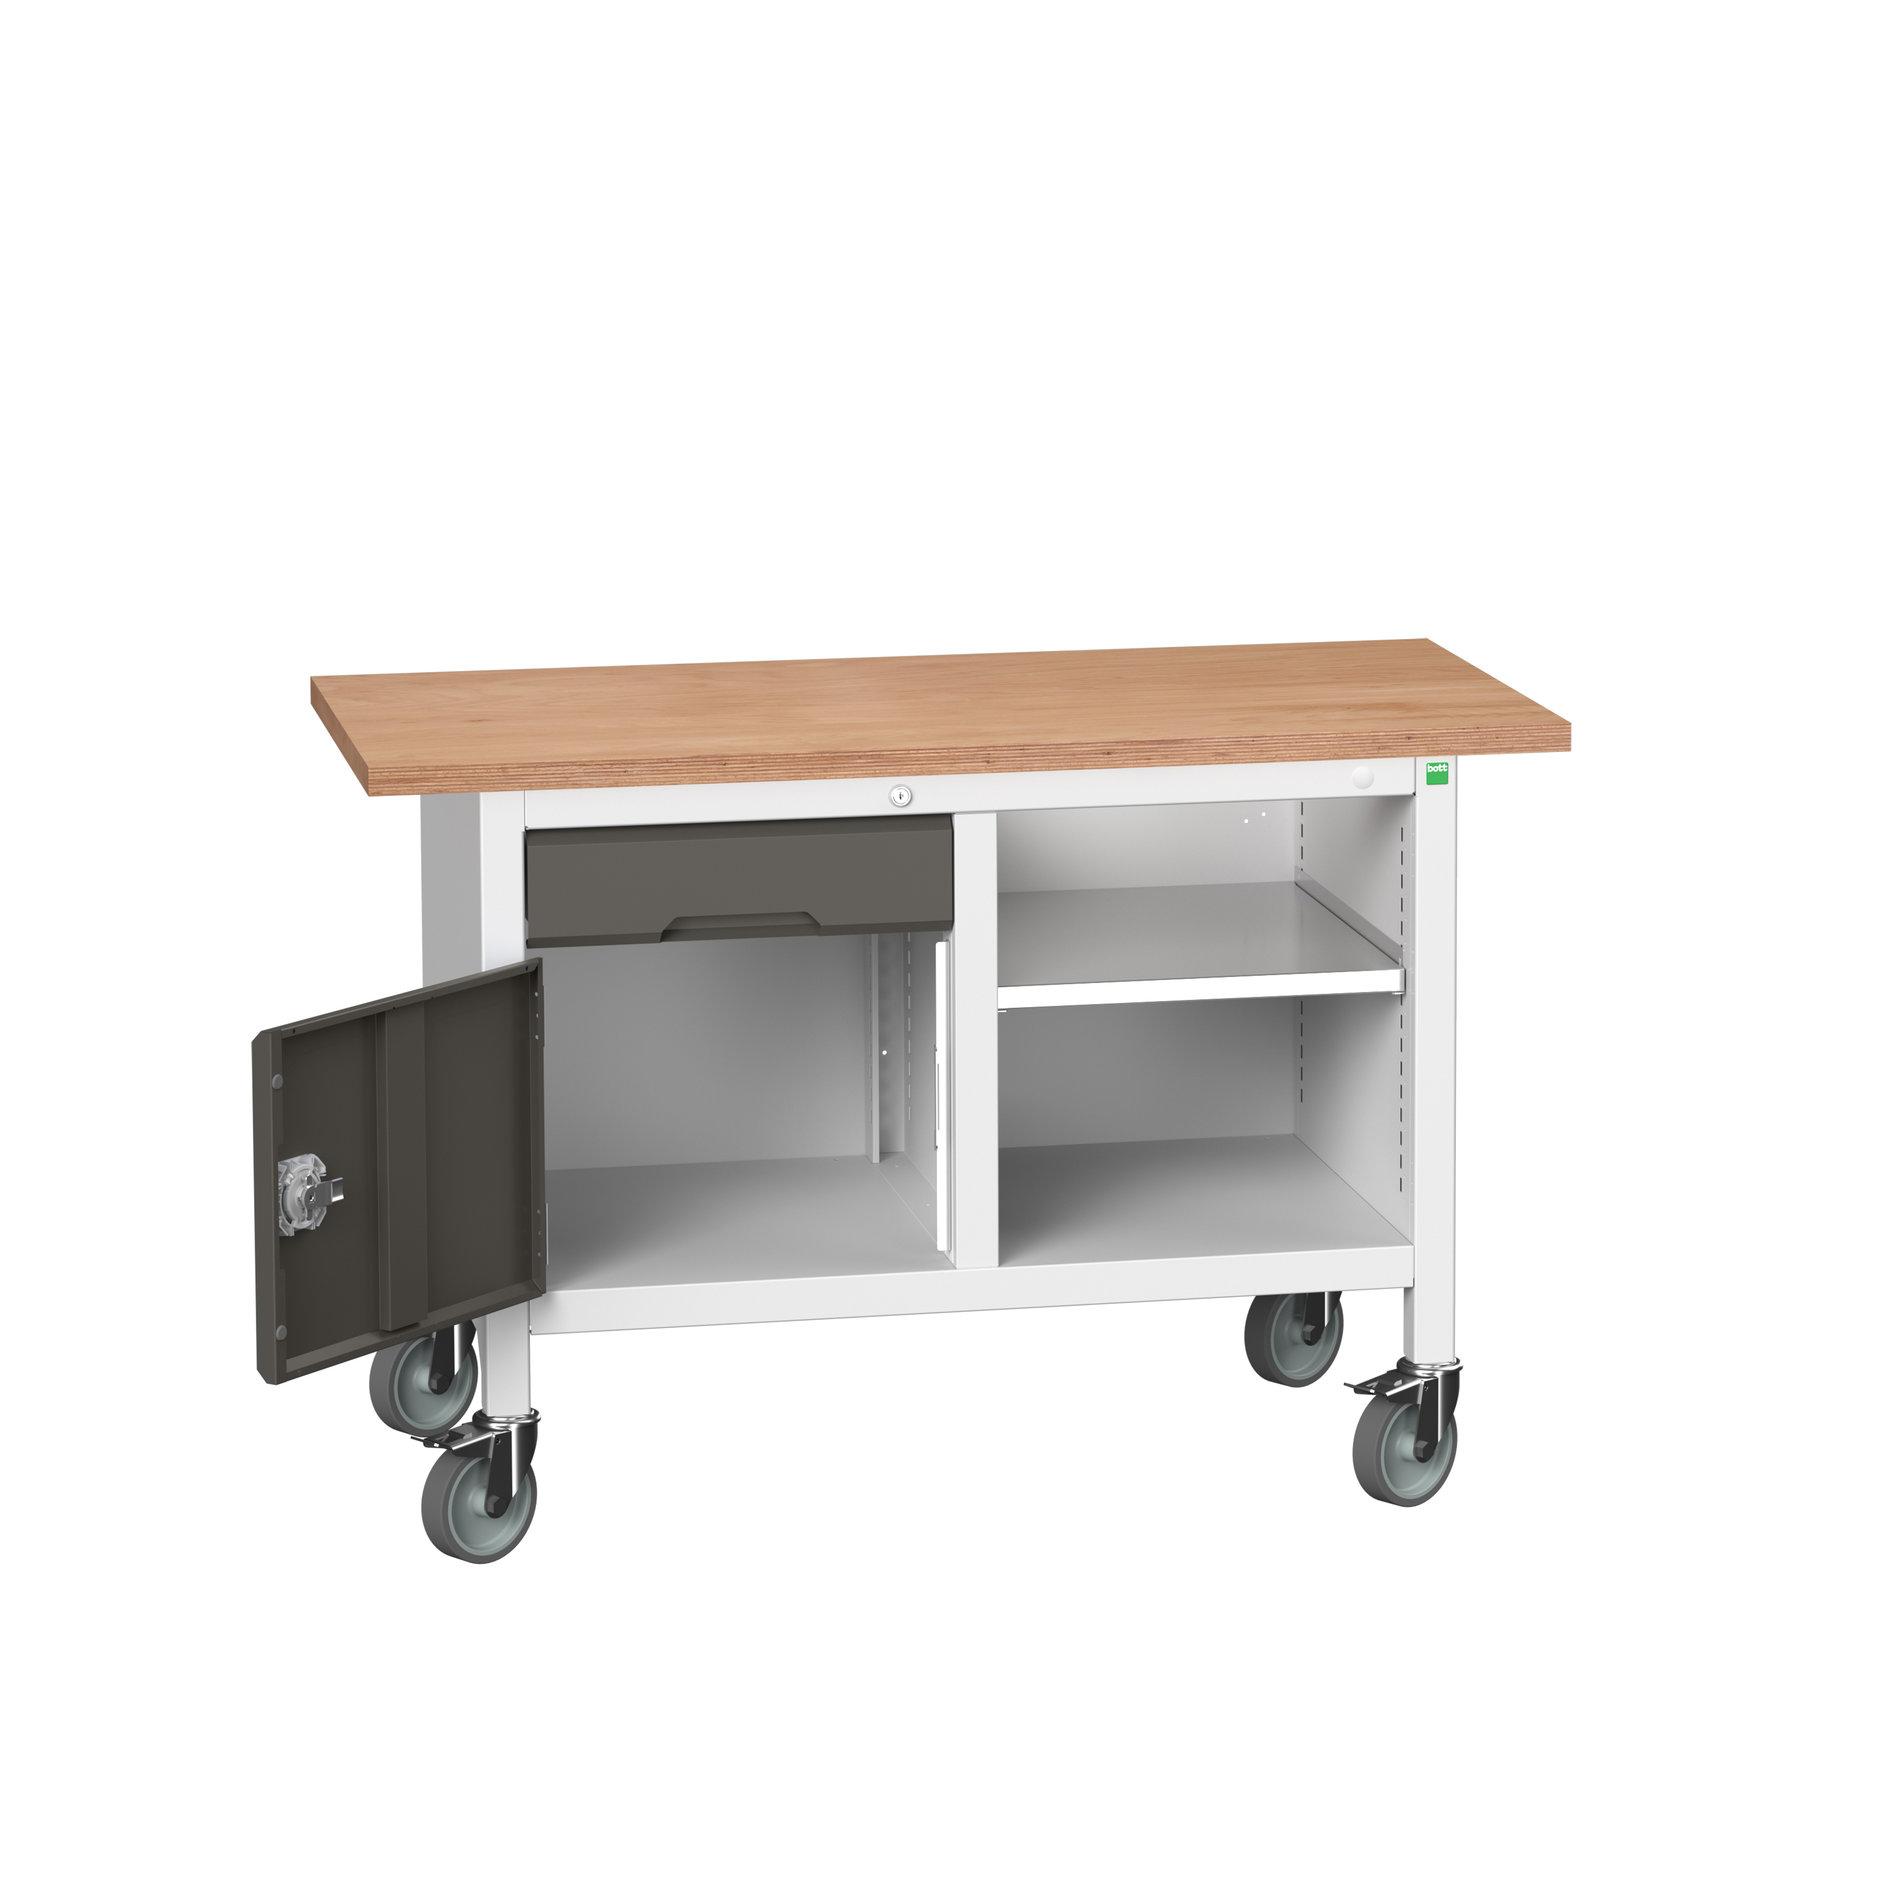 Bott Verso Mobile Storage Bench With 1 Drawer-Door Cabinet / Open Cupboard